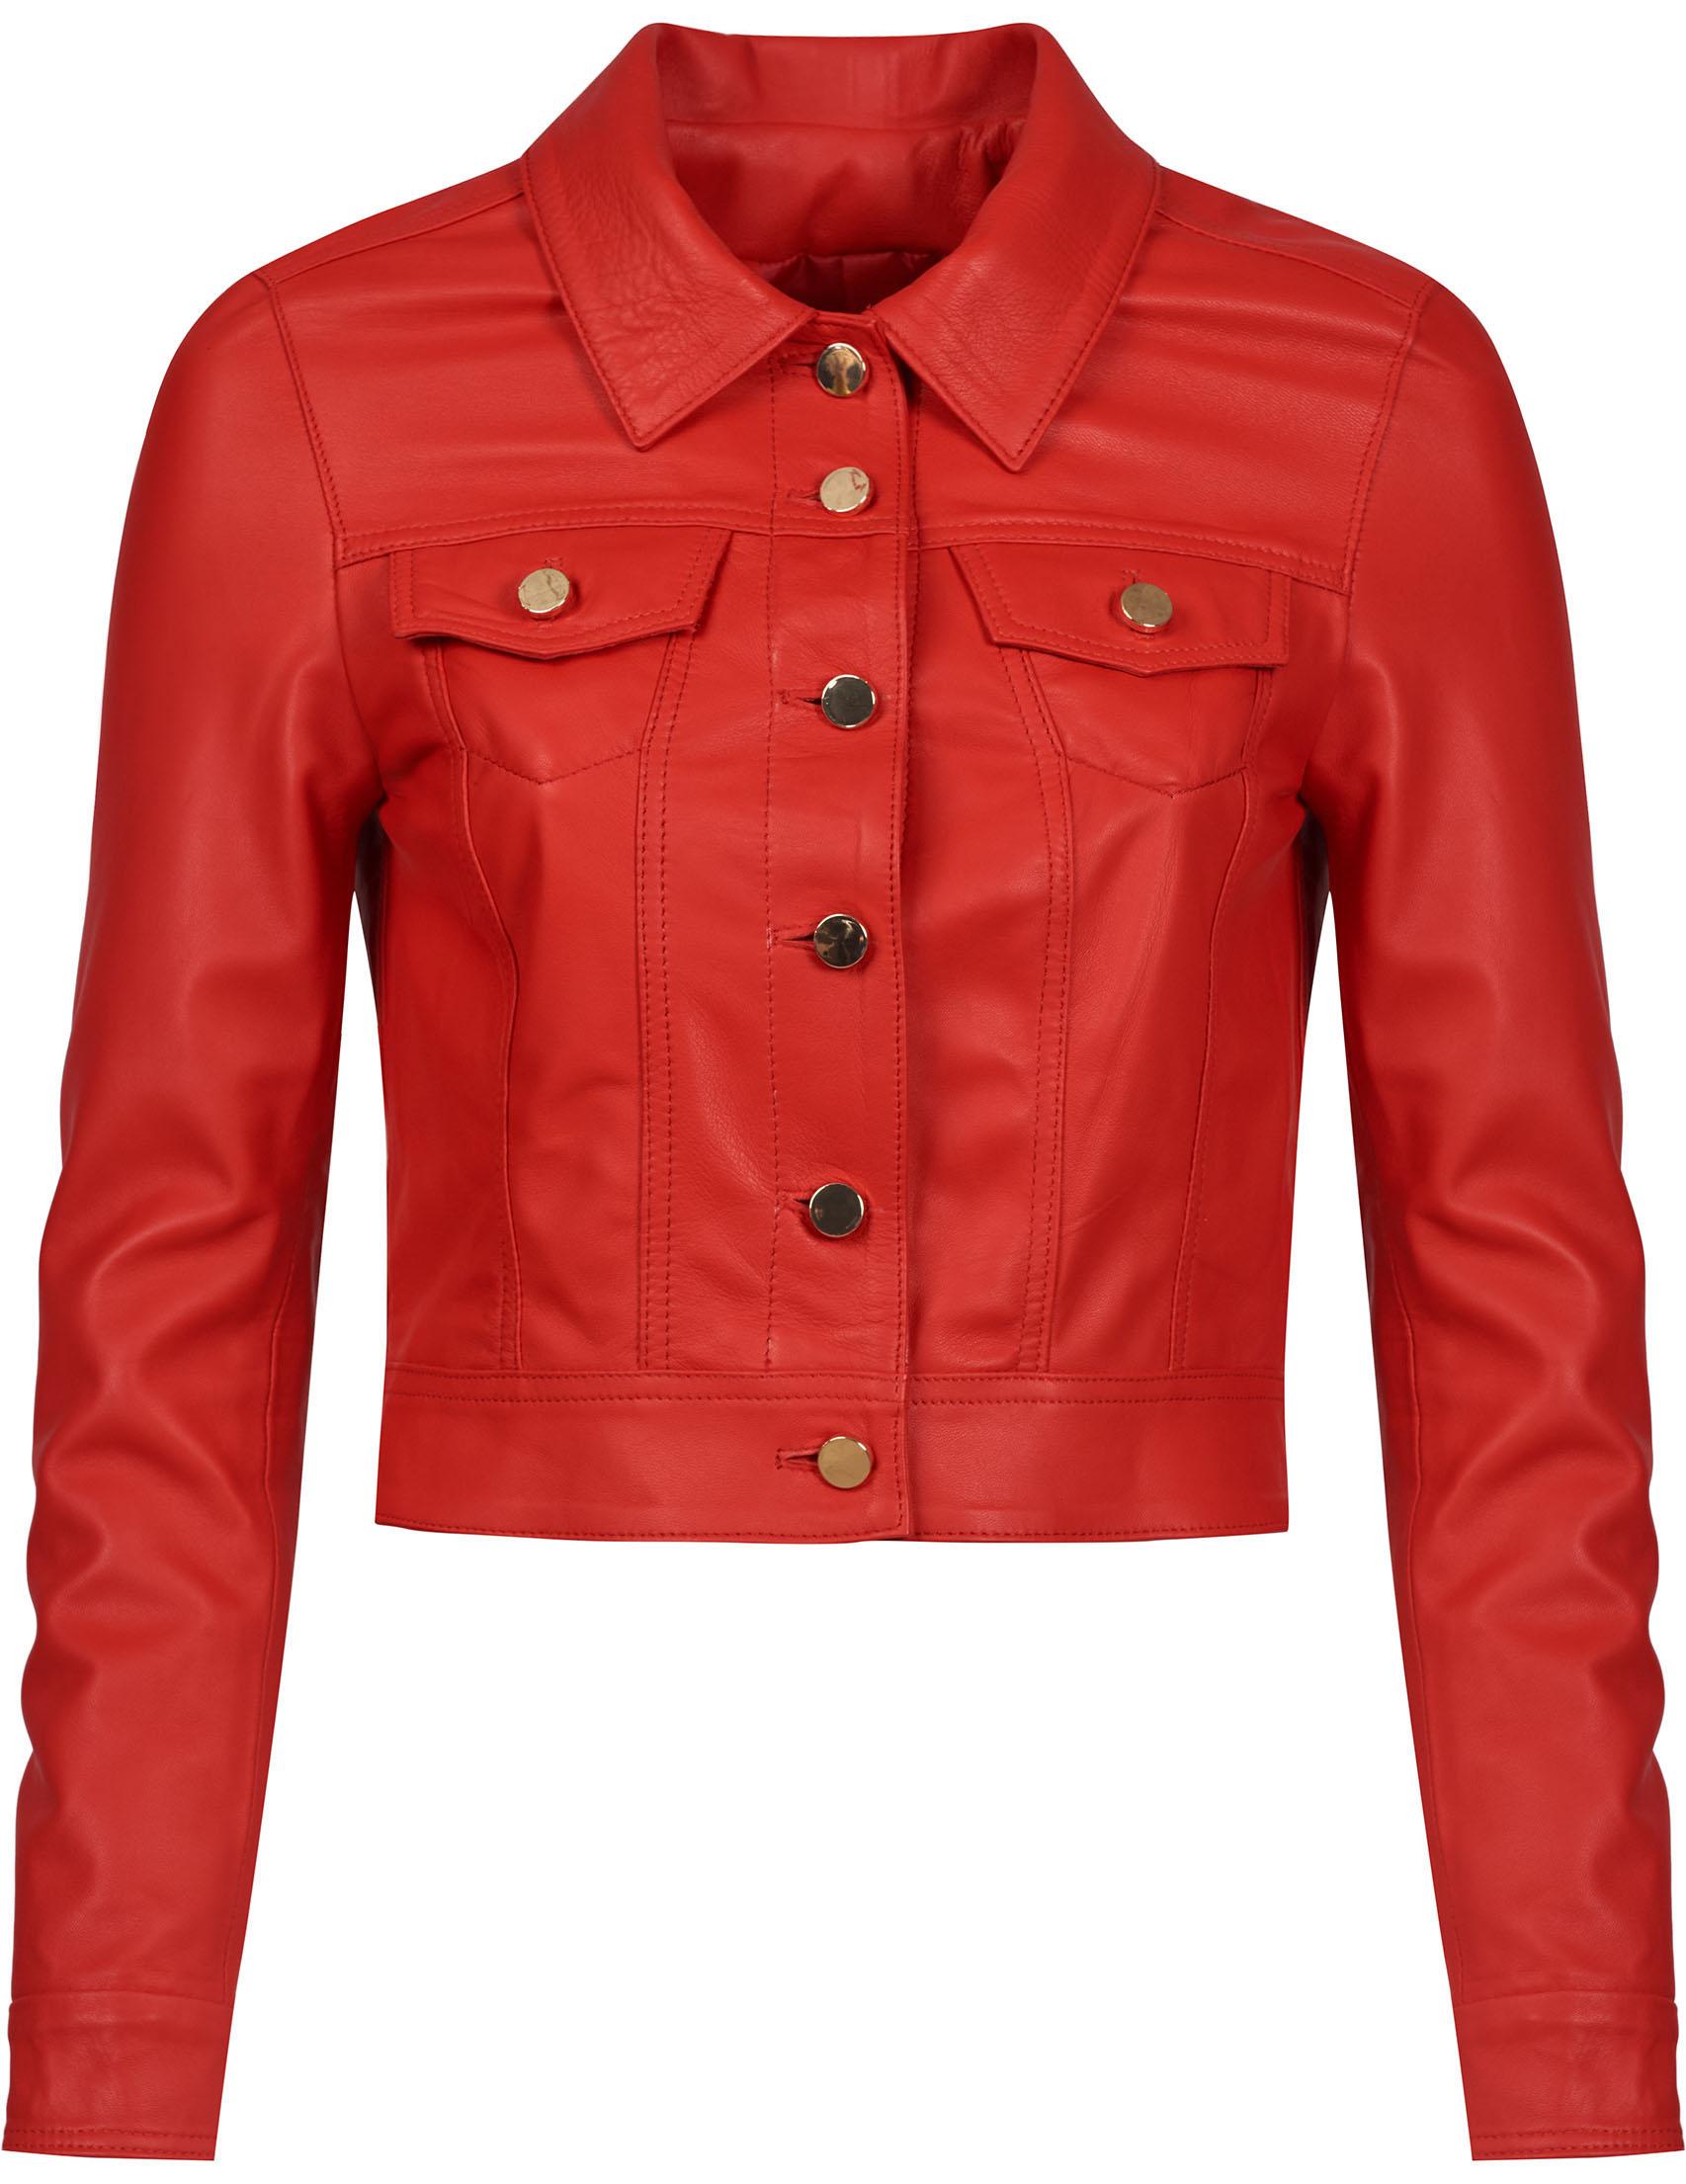 Купить Куртки, Куртка, ALBANO, Красный, 100%Кожа, Весна-Лето